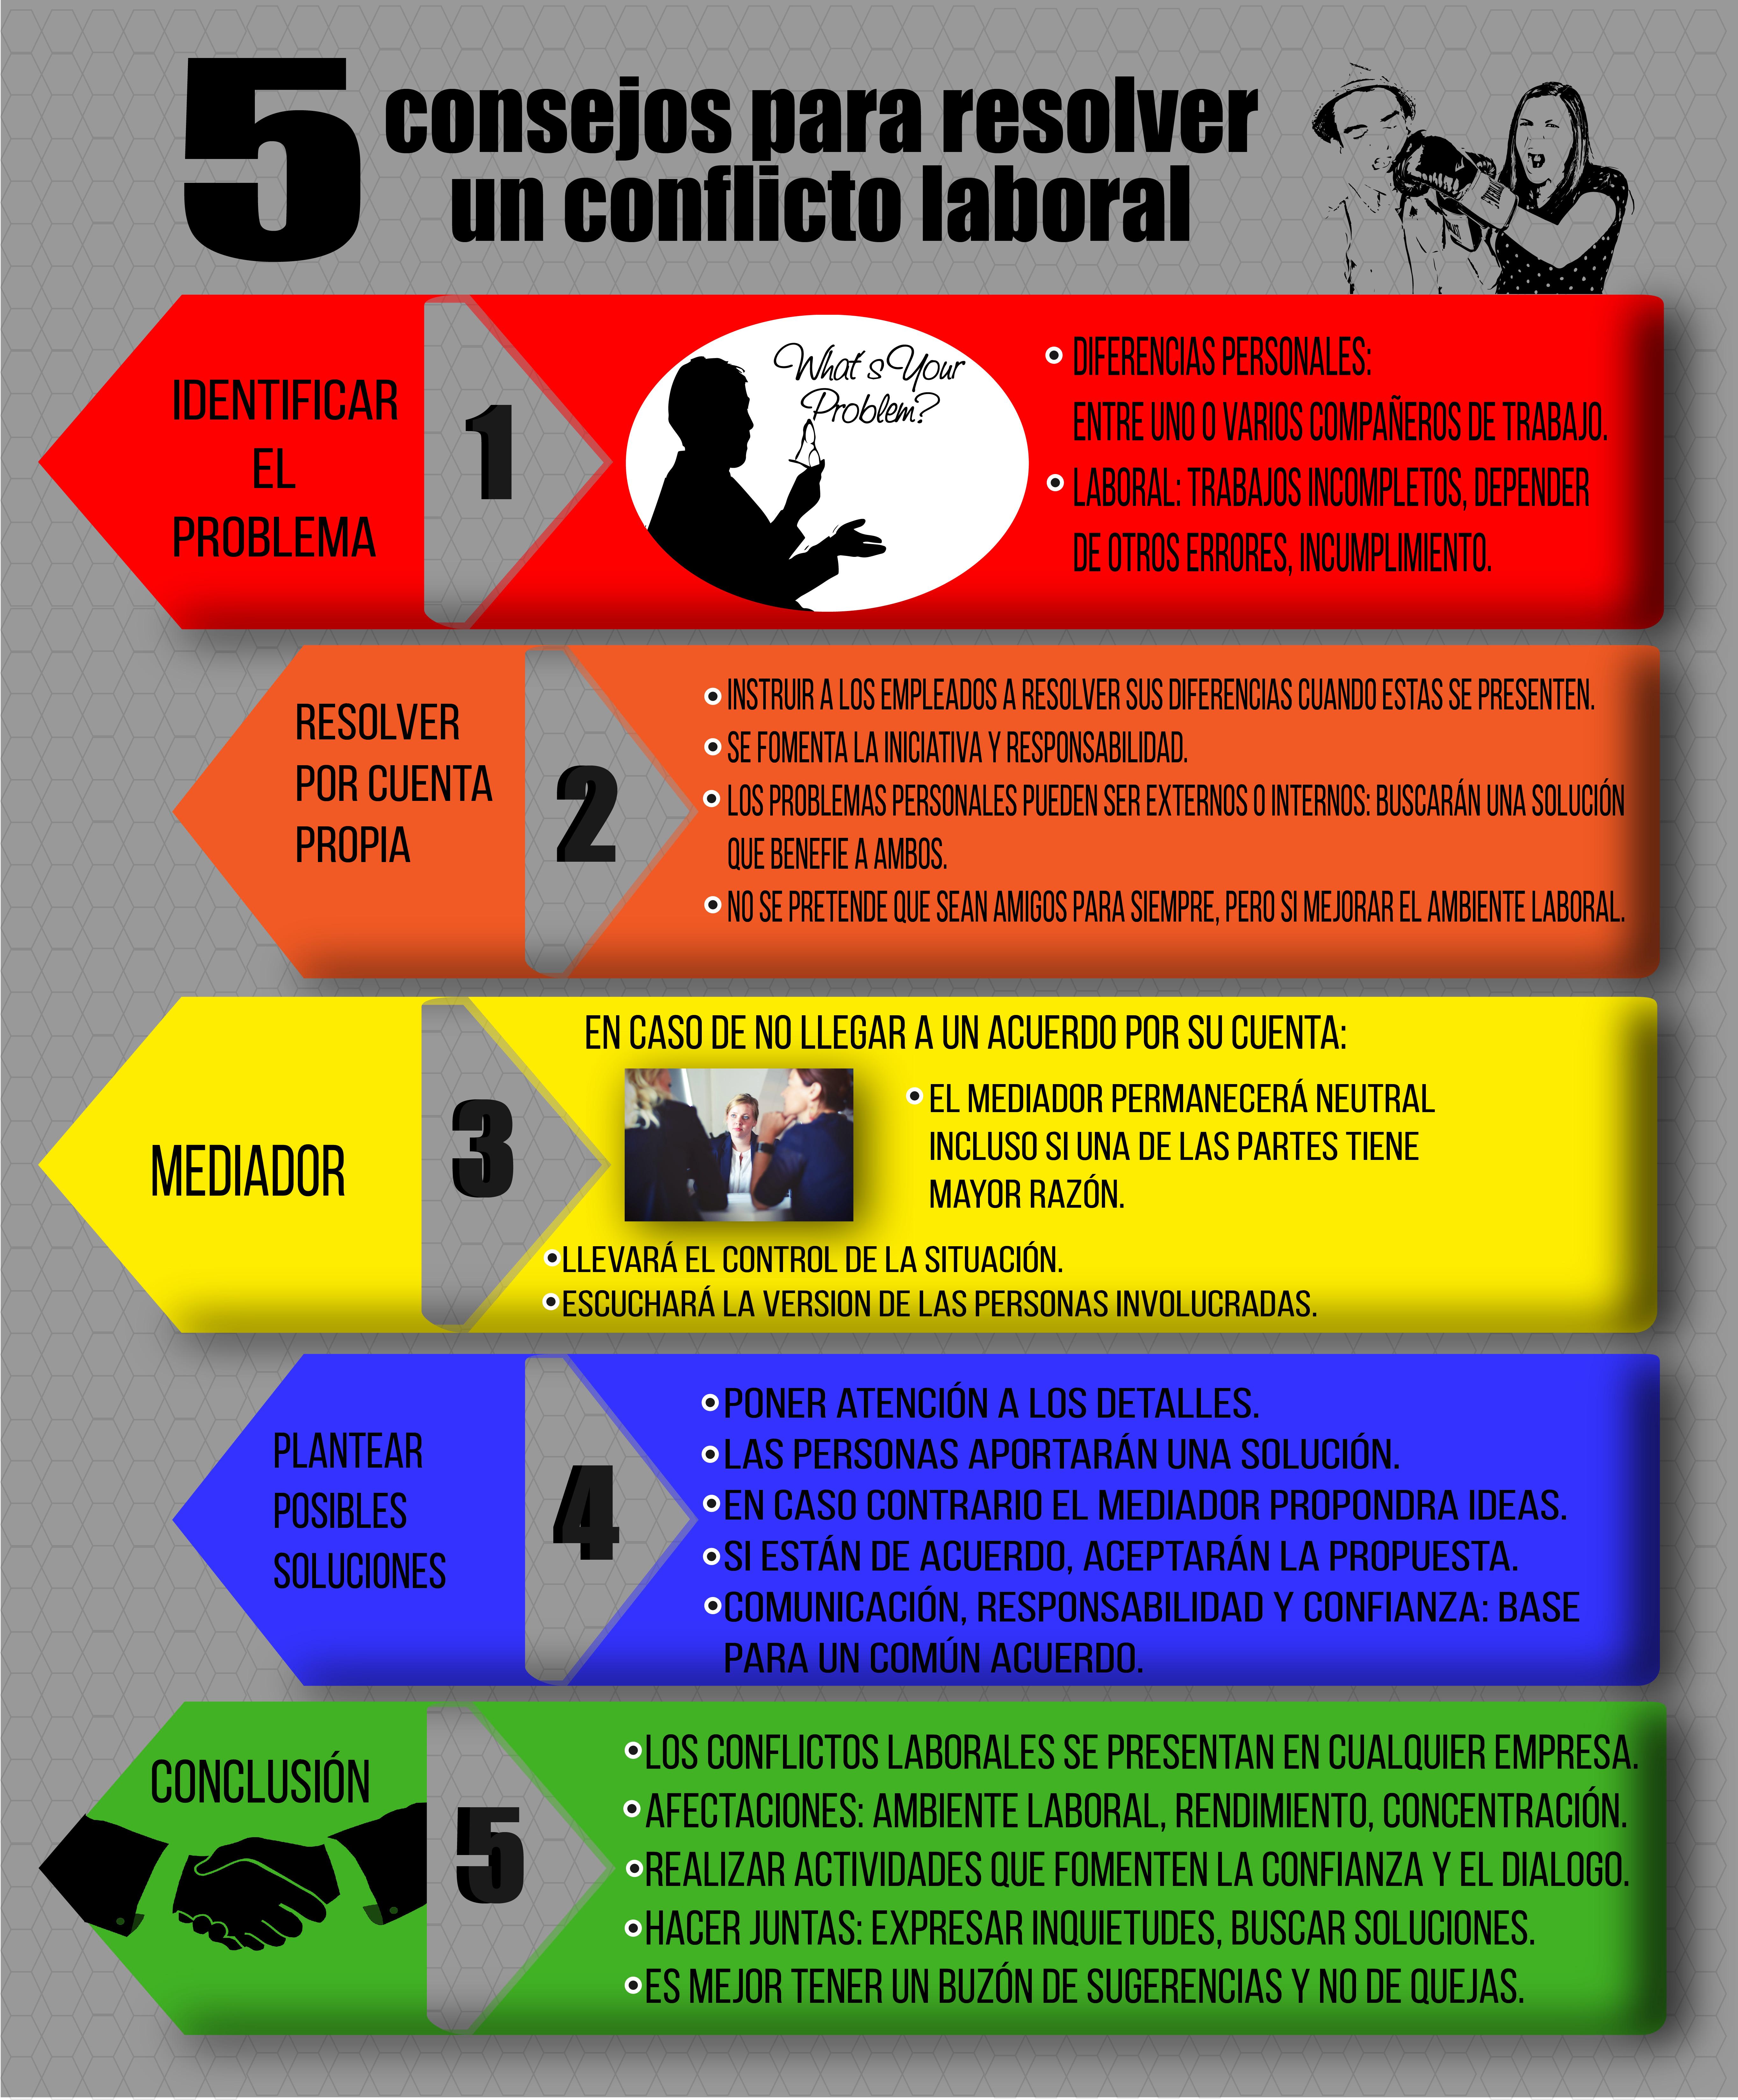 5-consejos-para-revolver-un-conflicto-laboral